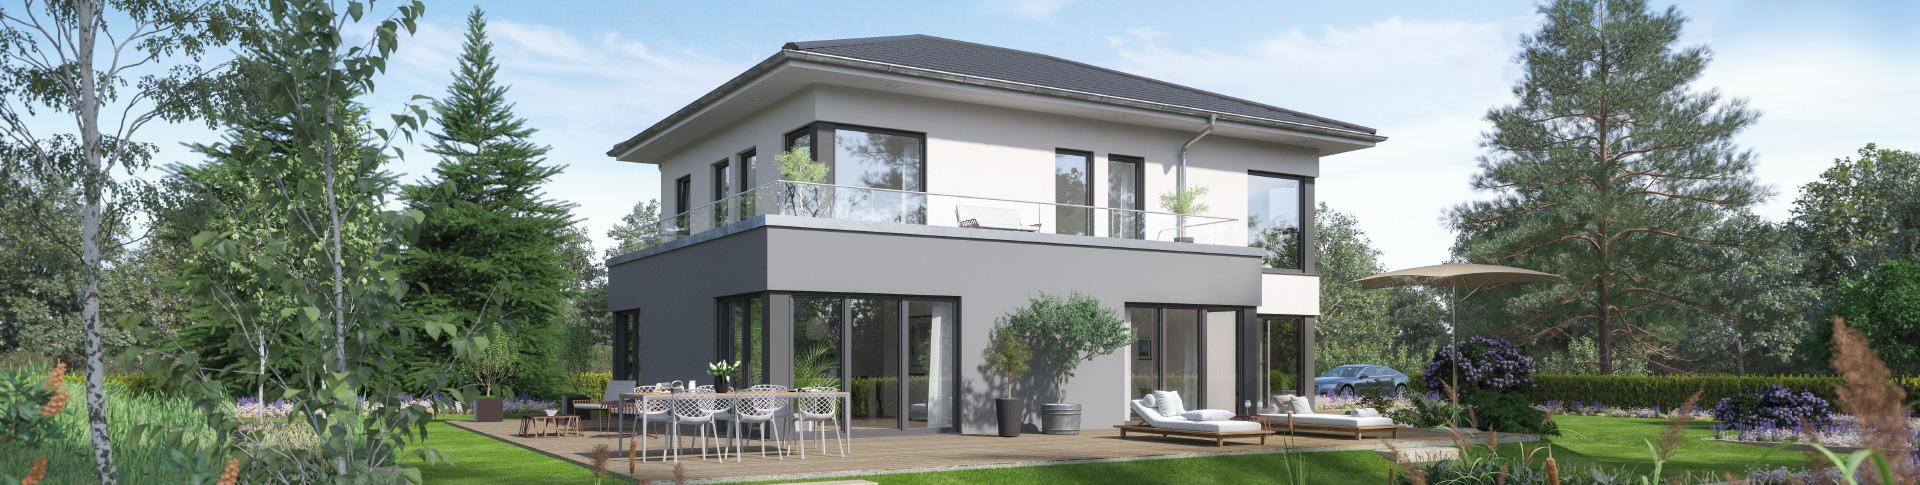 Fertighaus massiv Preise & Kosten » Massivhaus mit Massivbauweise